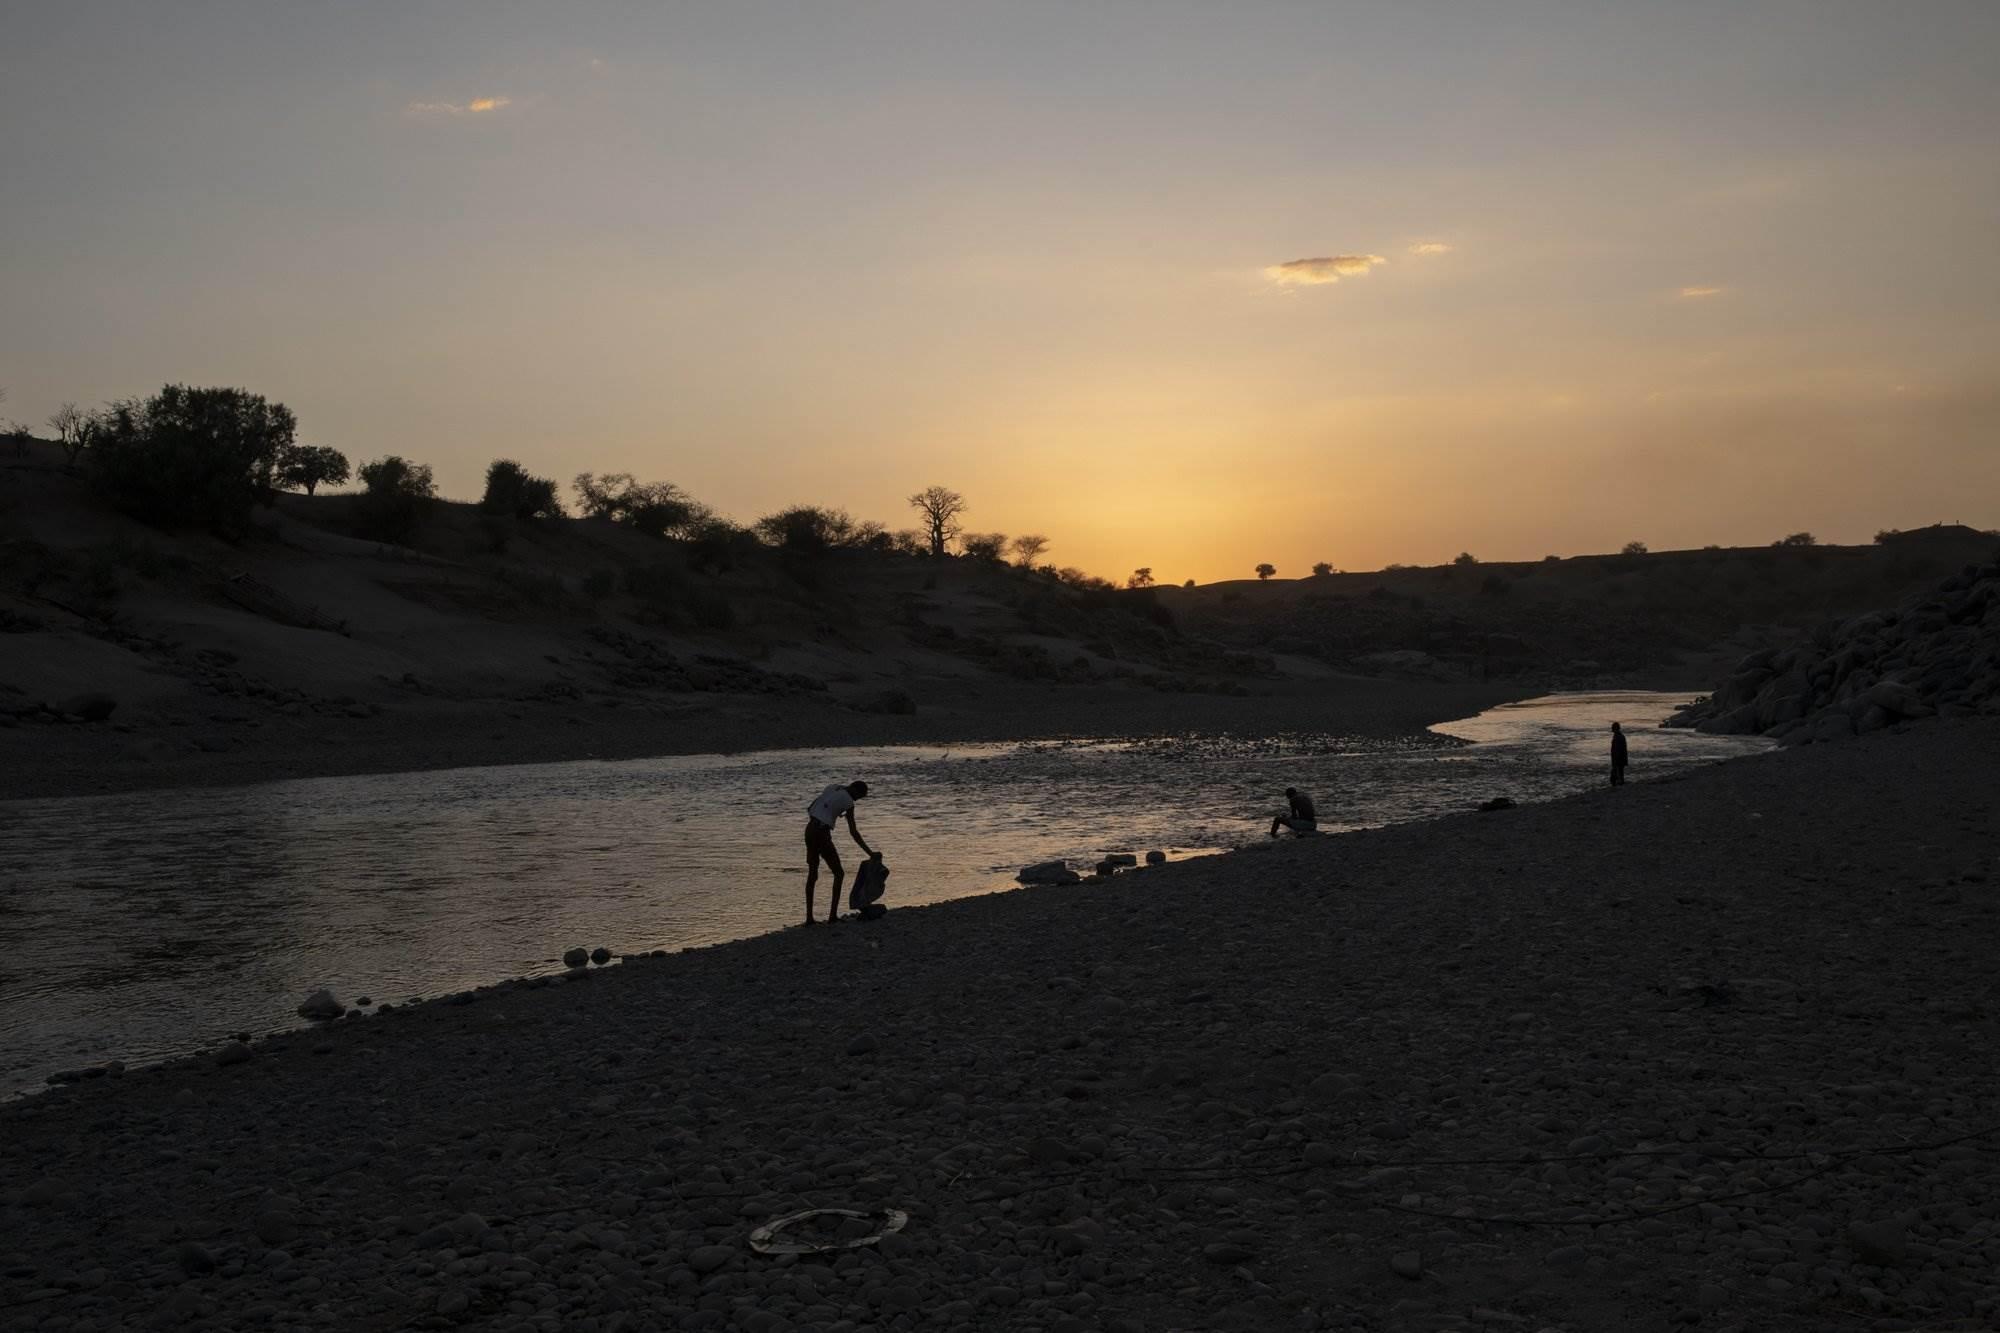 شهود عيان يكشفون على تناثر الجثث على ضفاف النهر